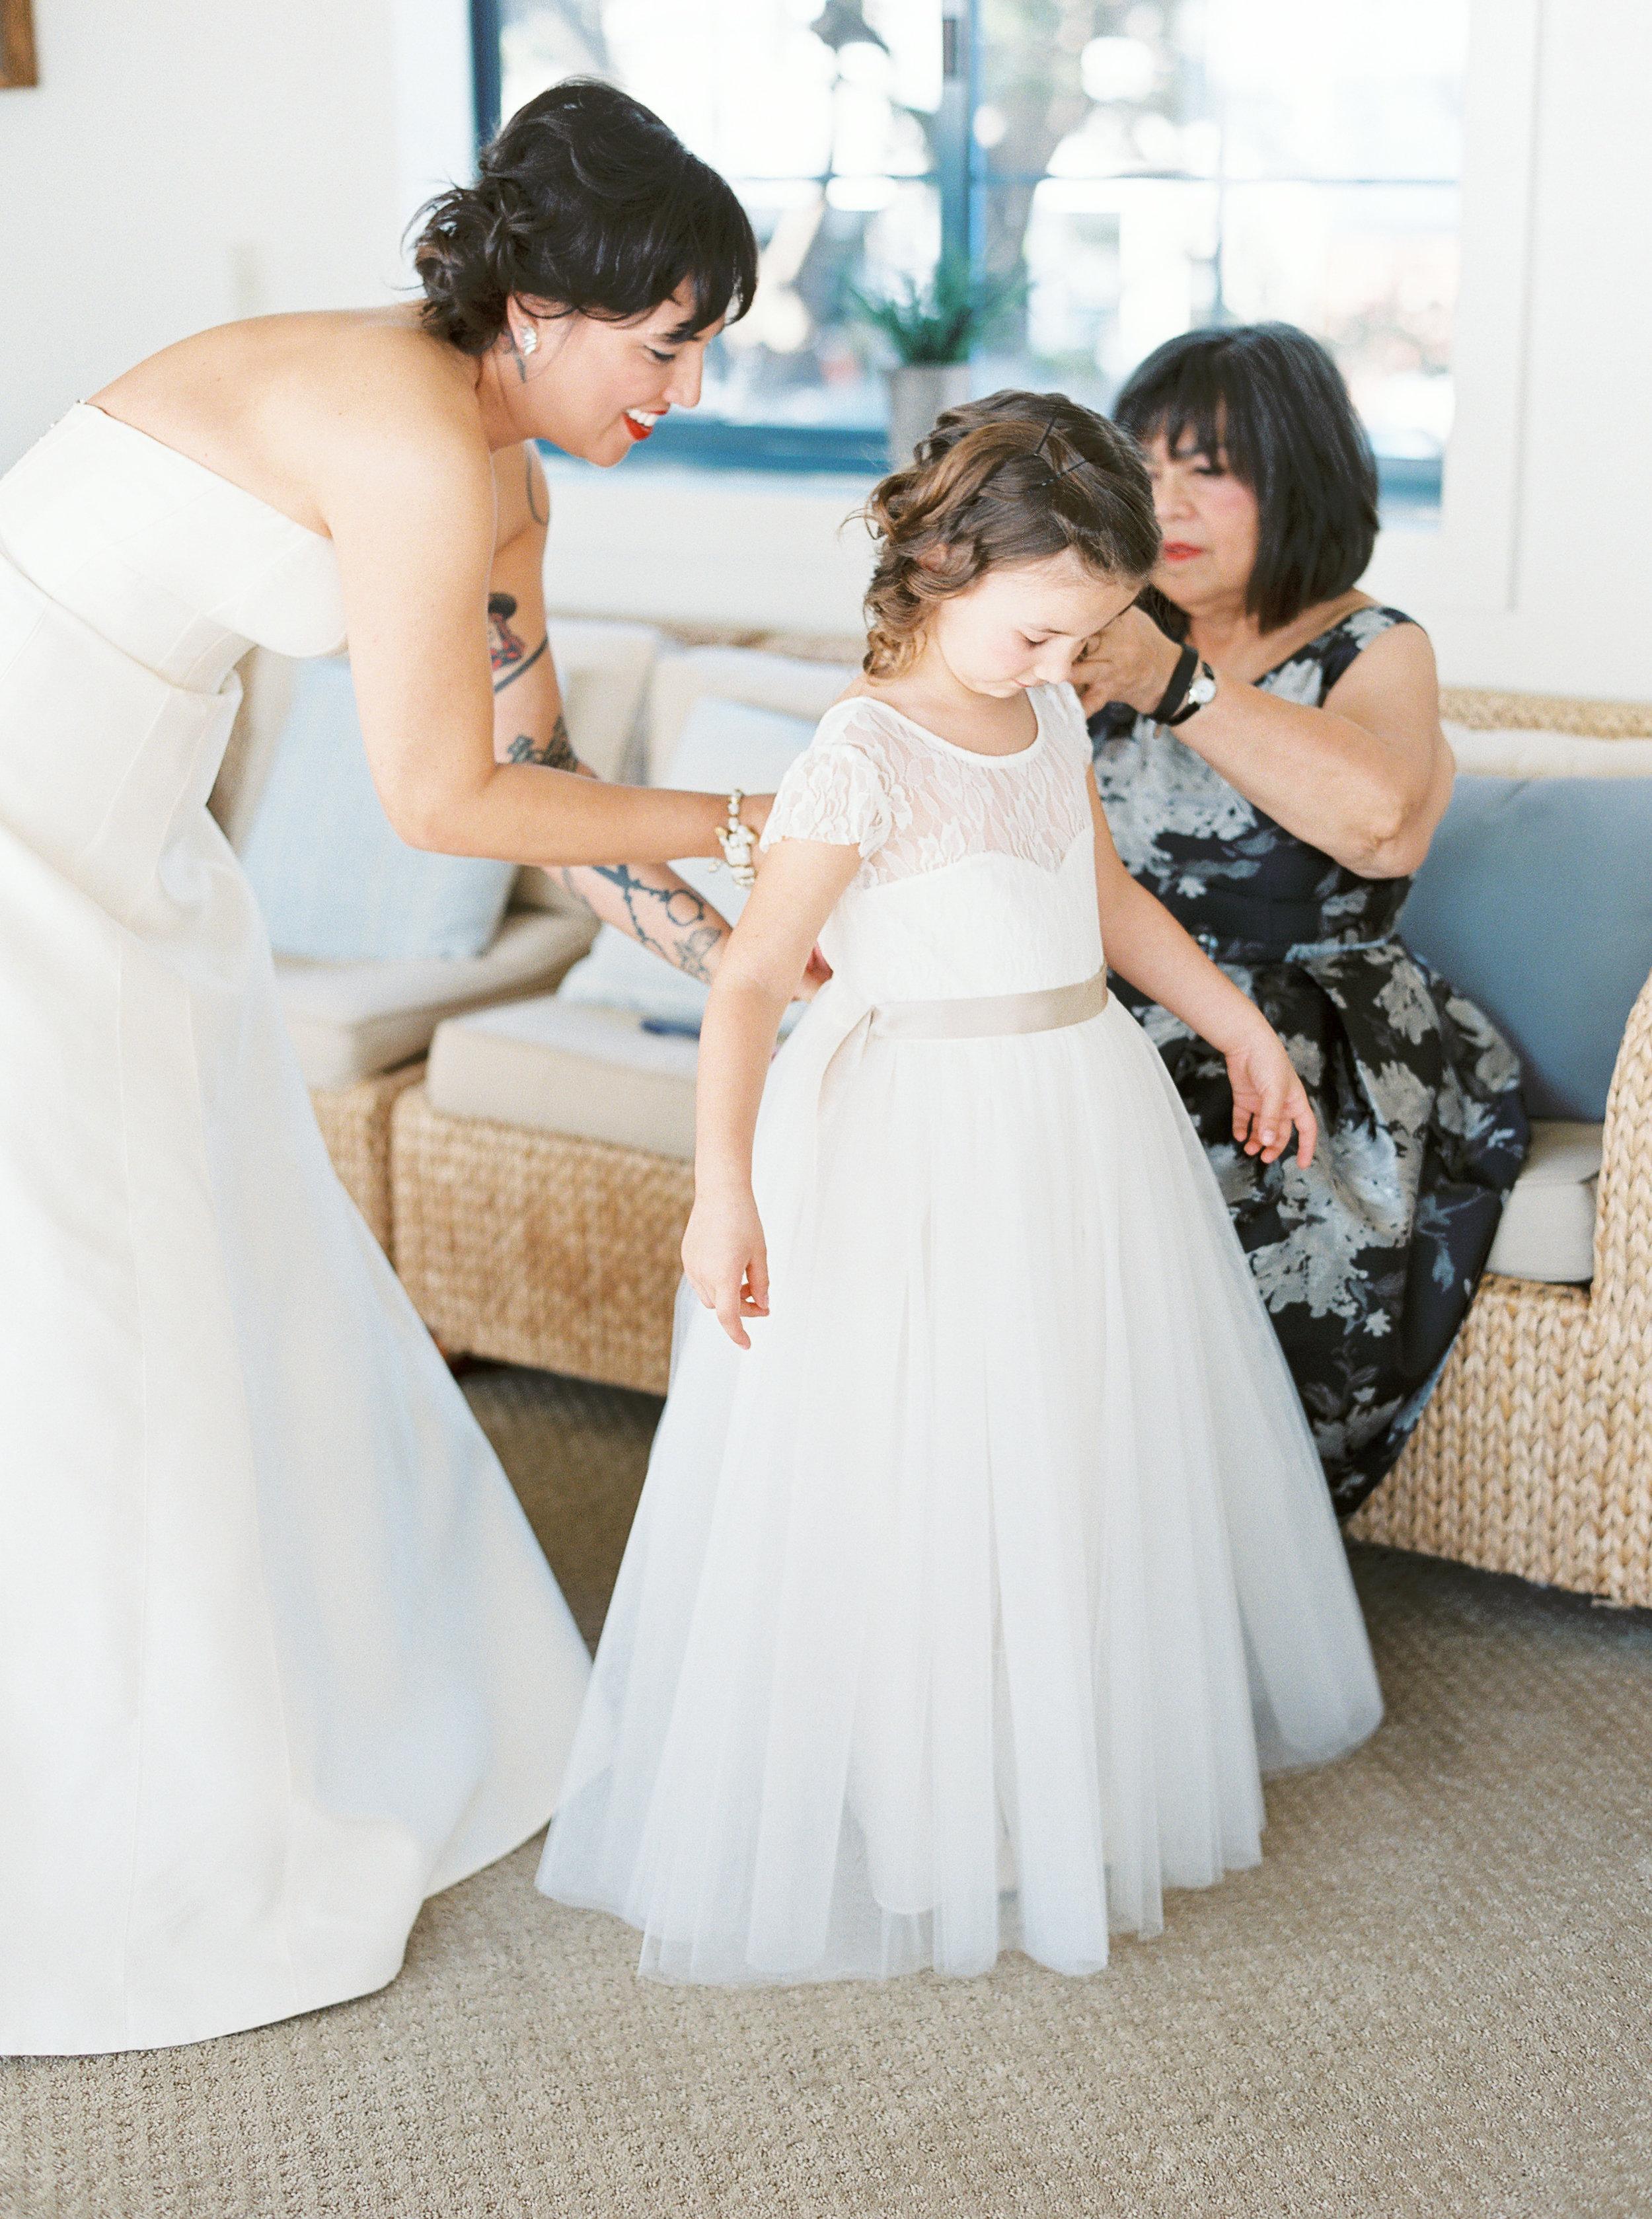 Mavericks-event-center-wedding-in-half-moon-bay-california459.jpg